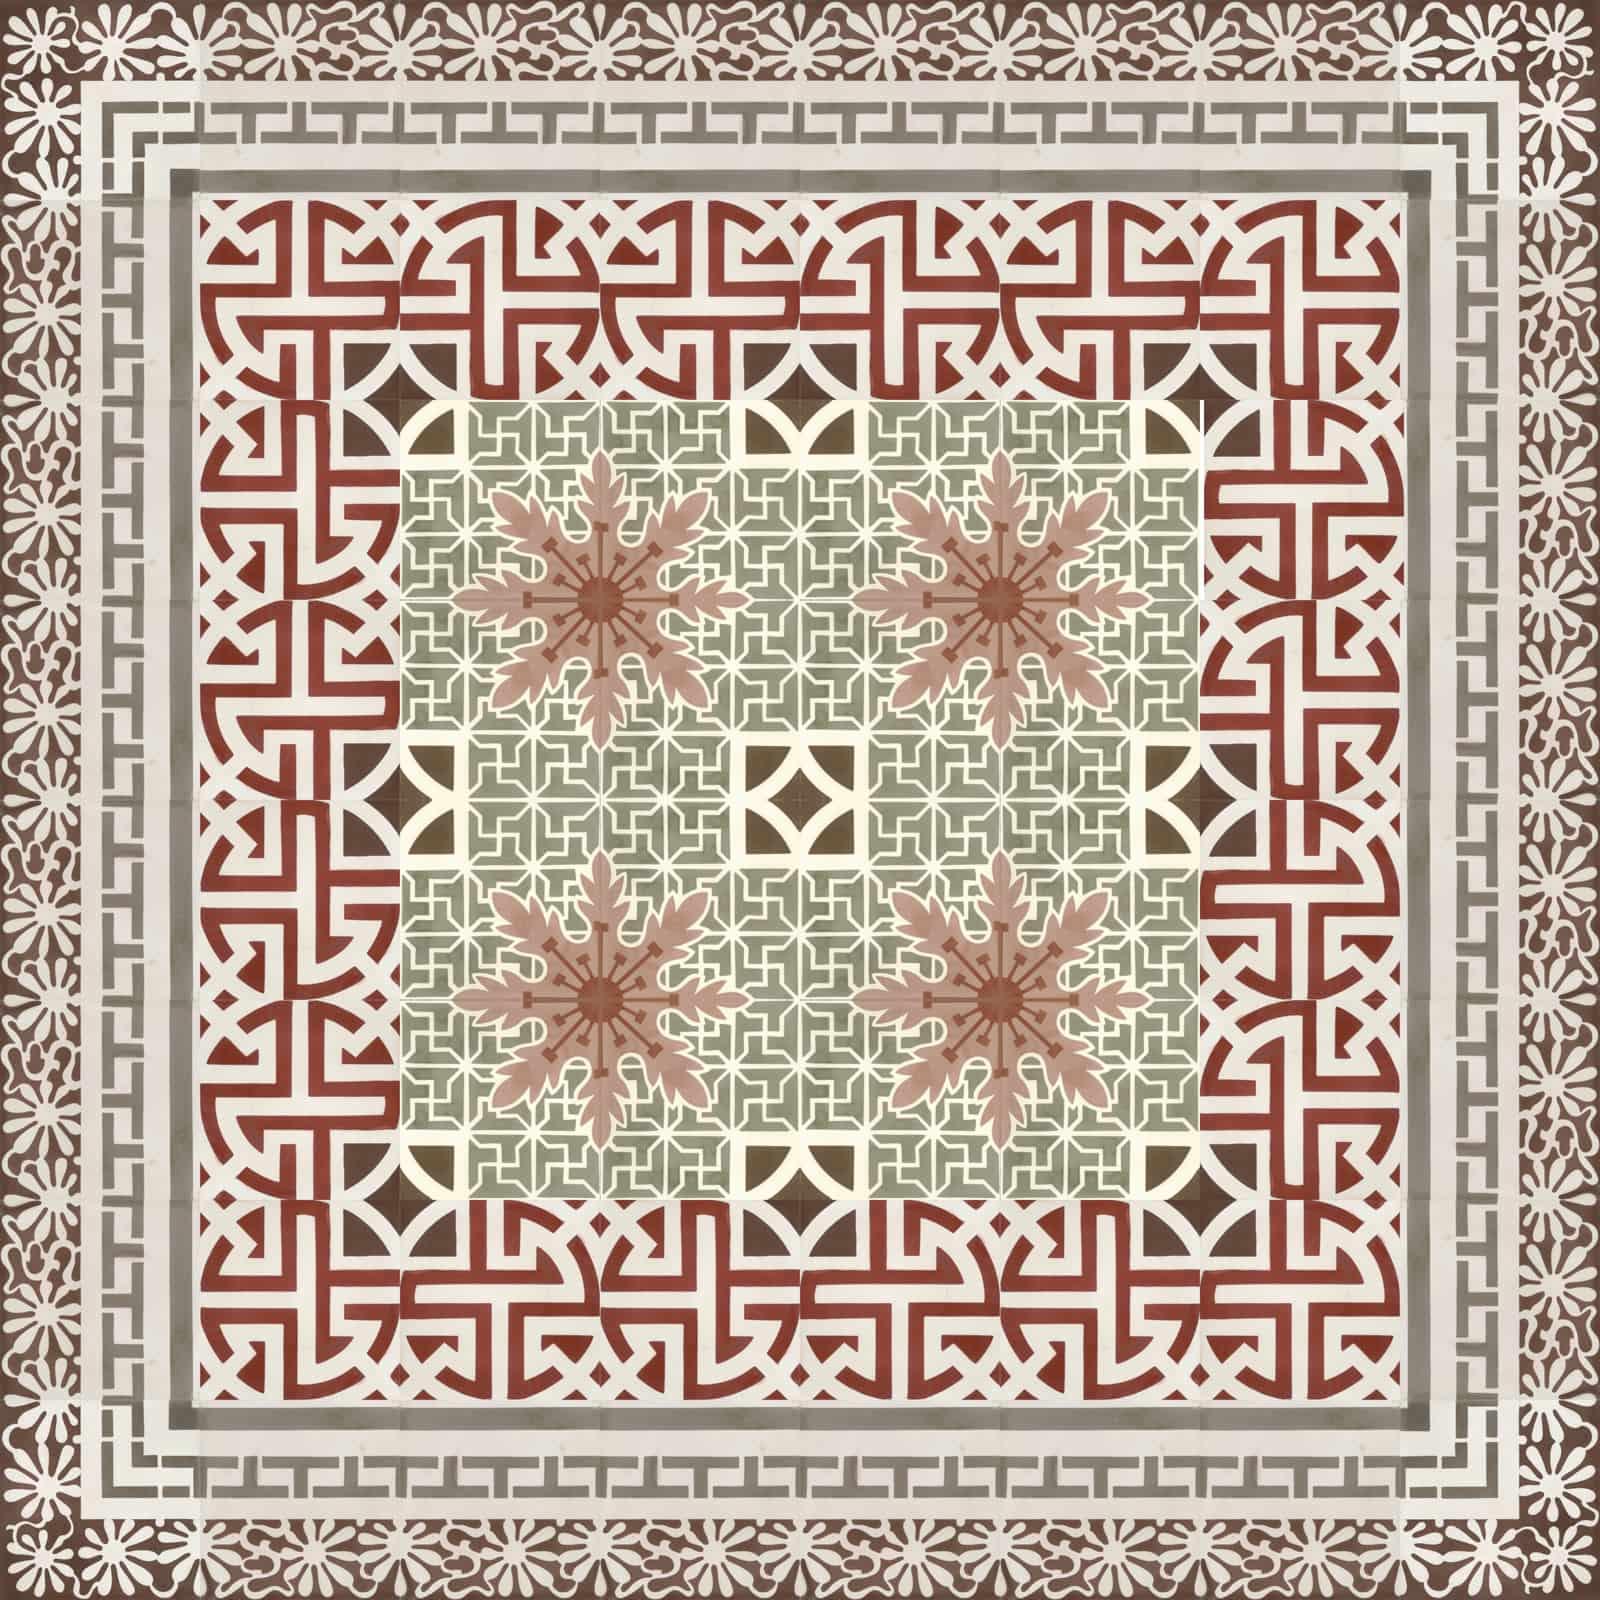 zementfliesen-terrazzofliesen-kreidefarbe-terrazzo-fugenlos-viaplatten-54072-verlegemuster | 54072